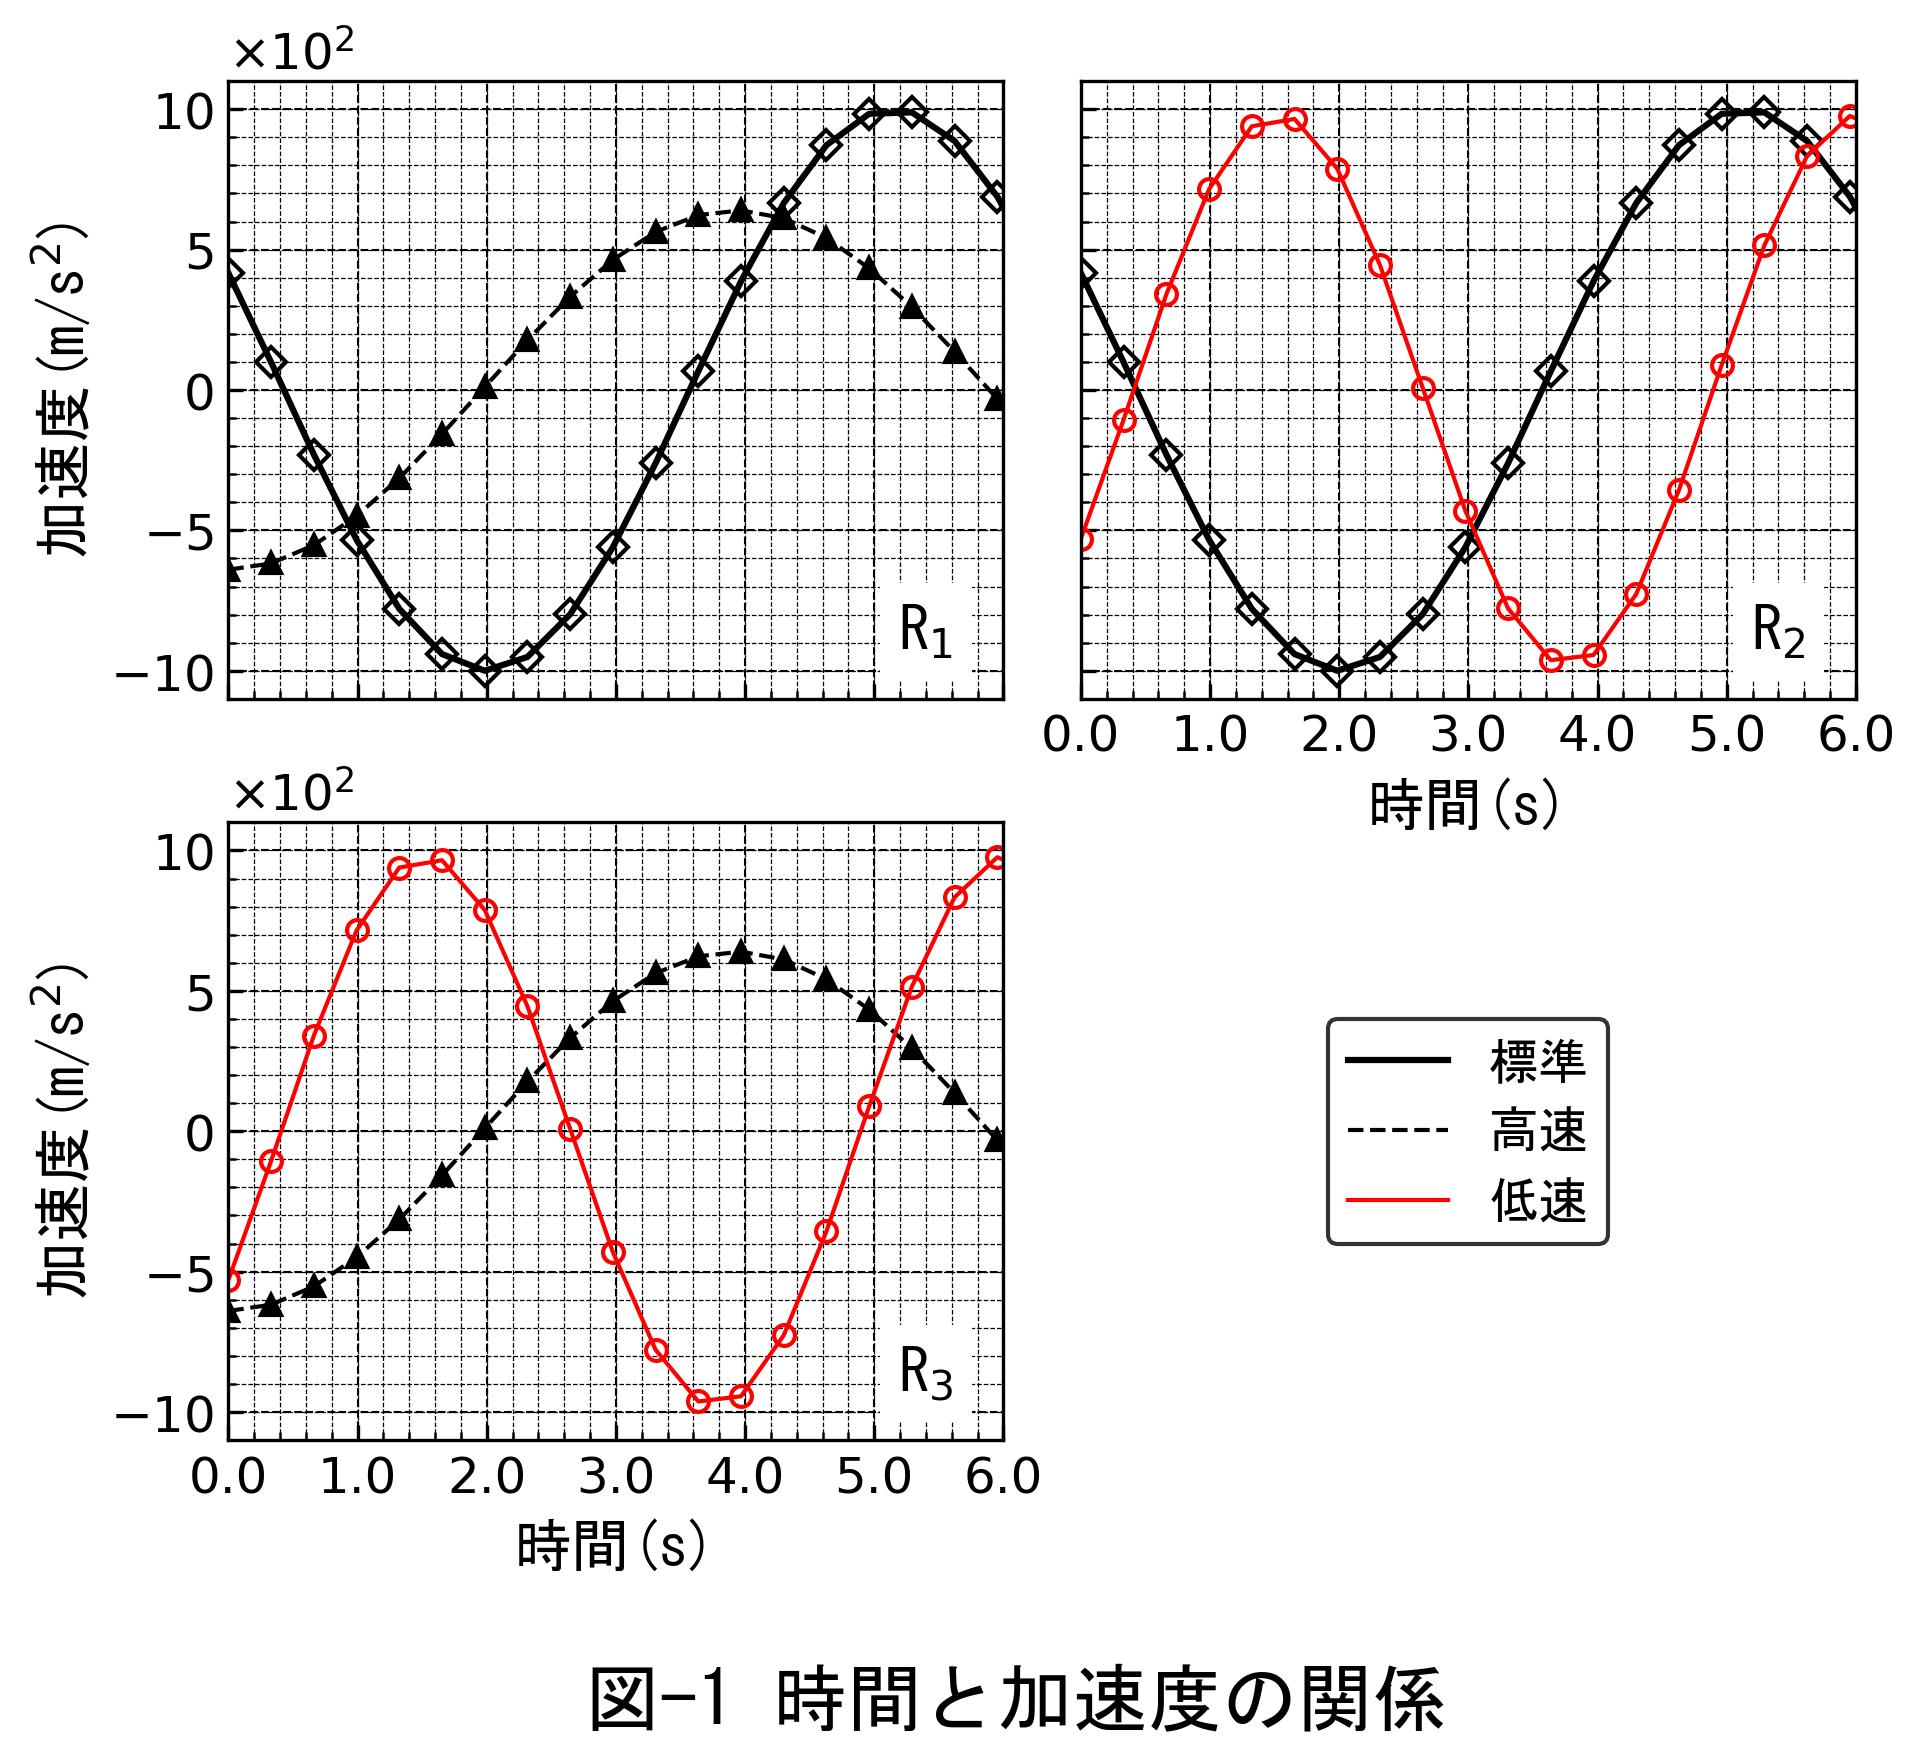 複数のグラフの出力画像